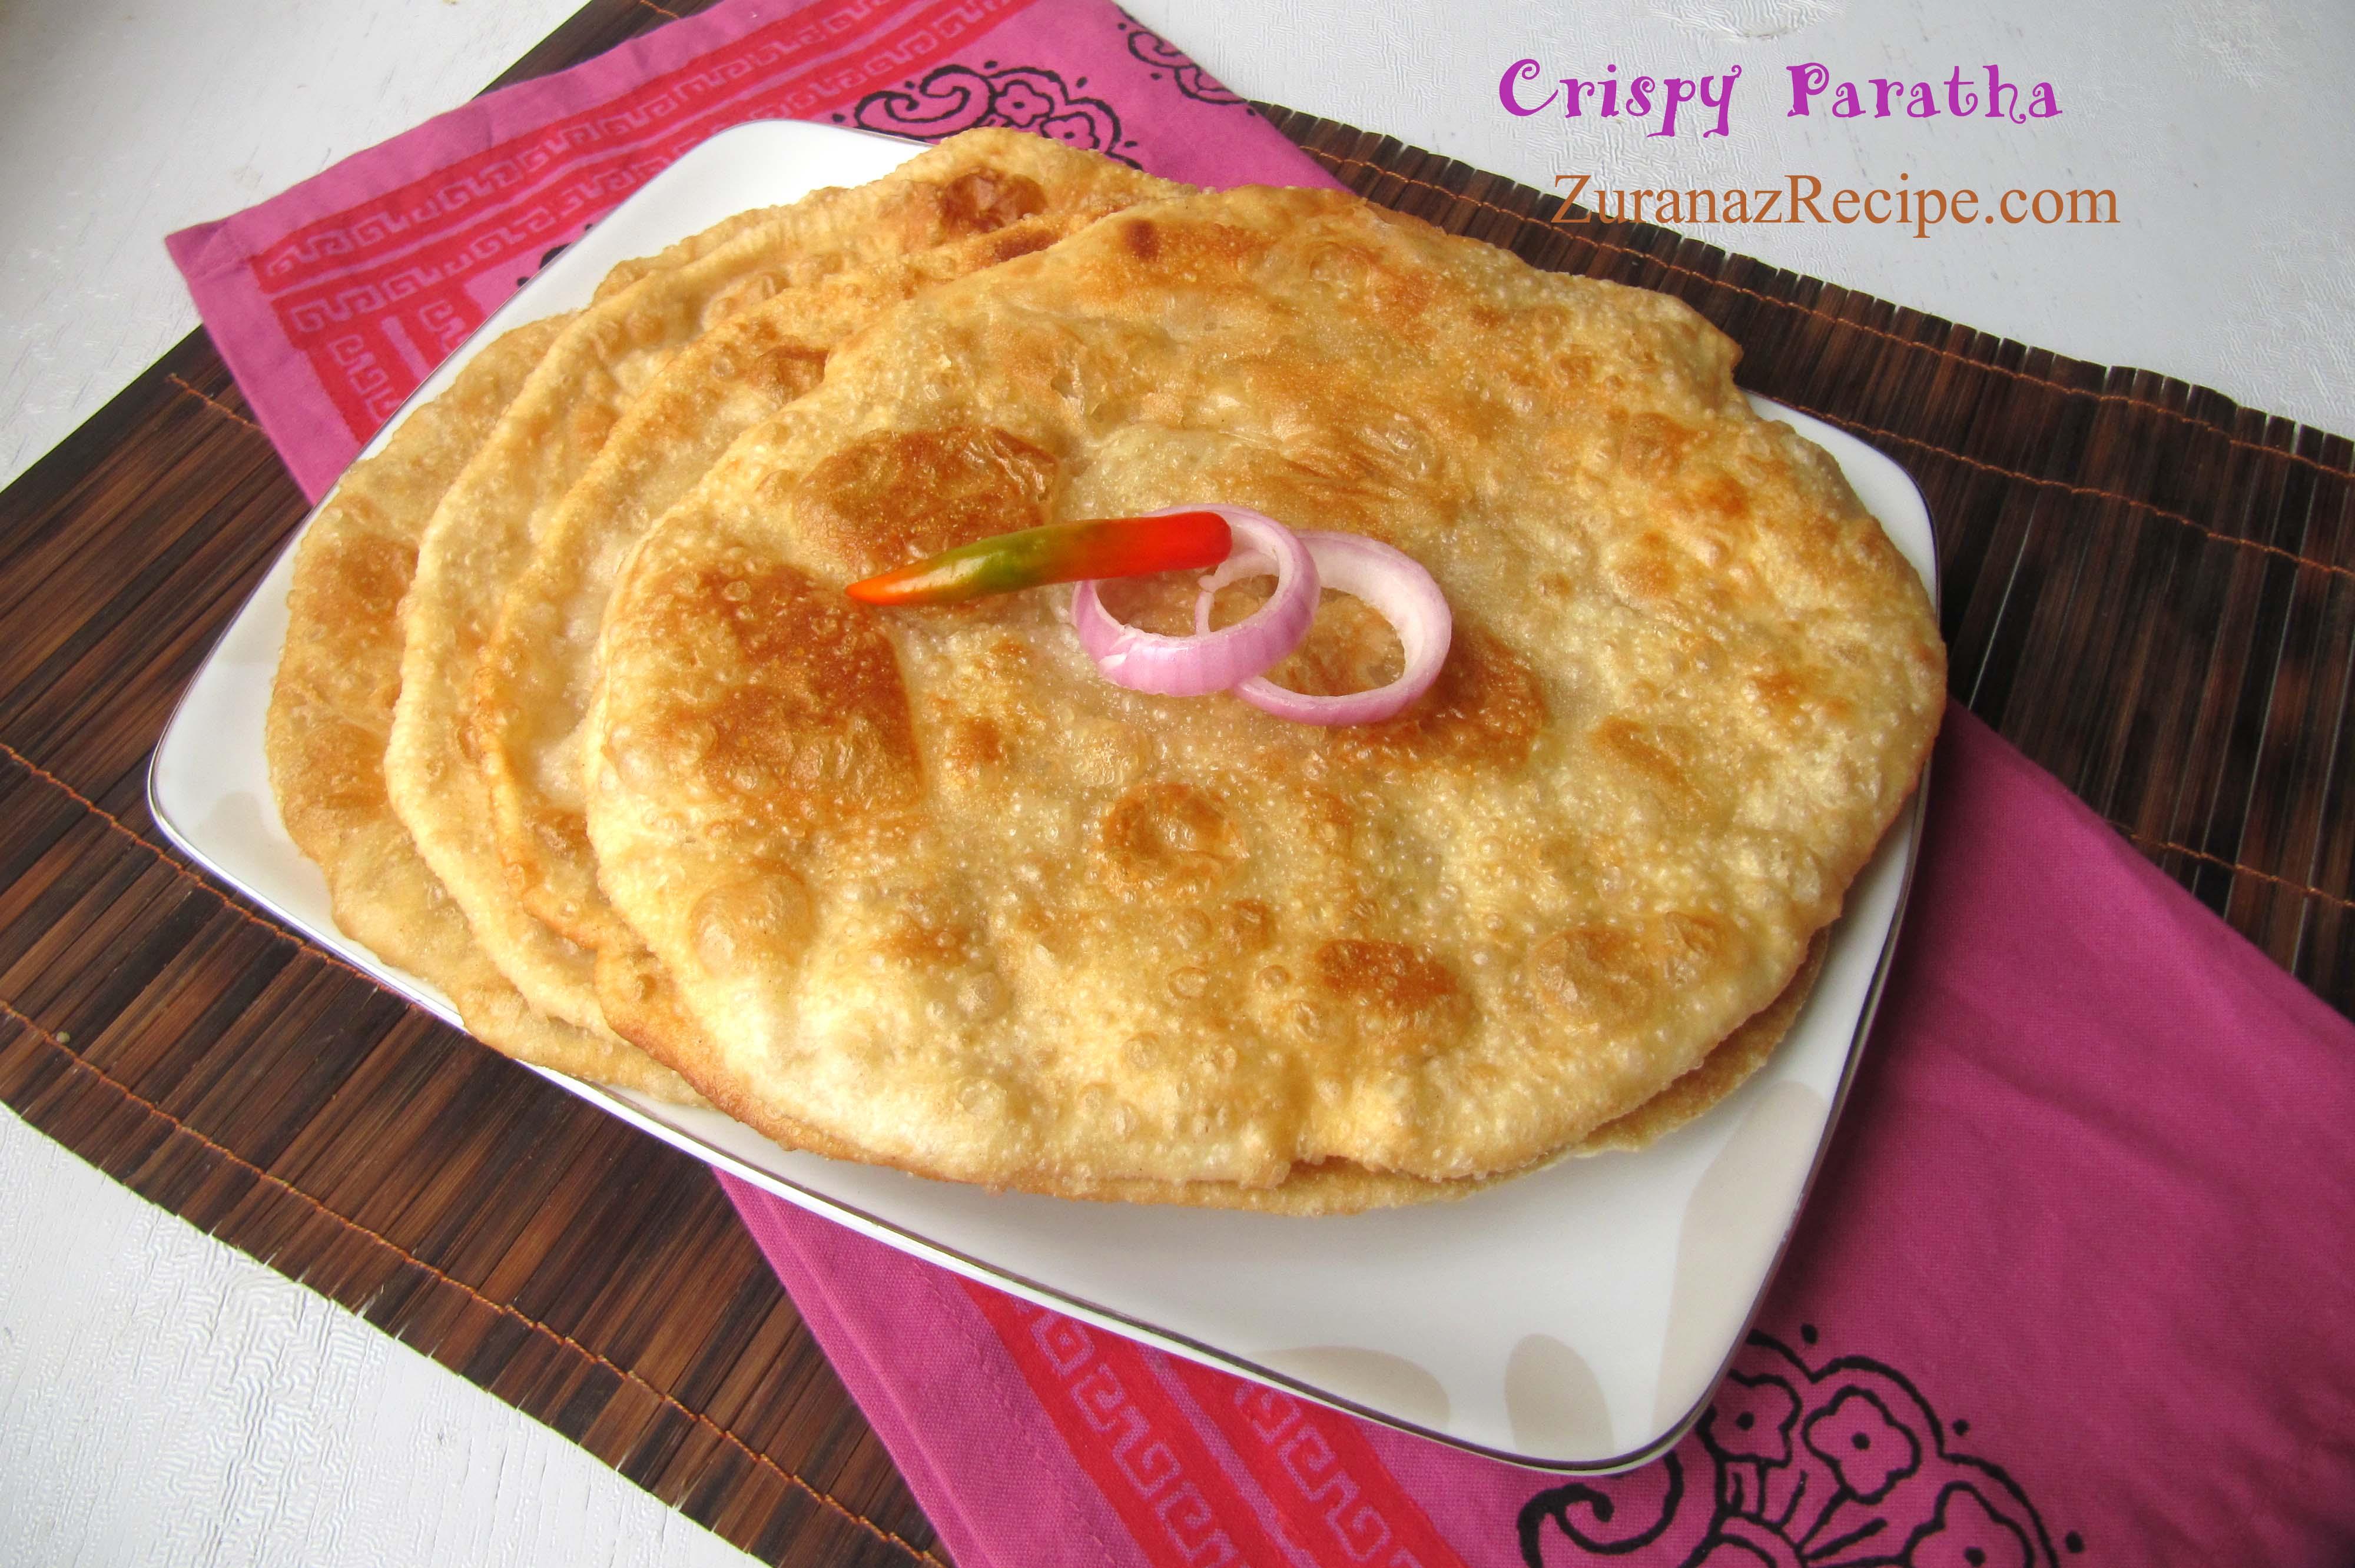 Crispy Parata/Paratha